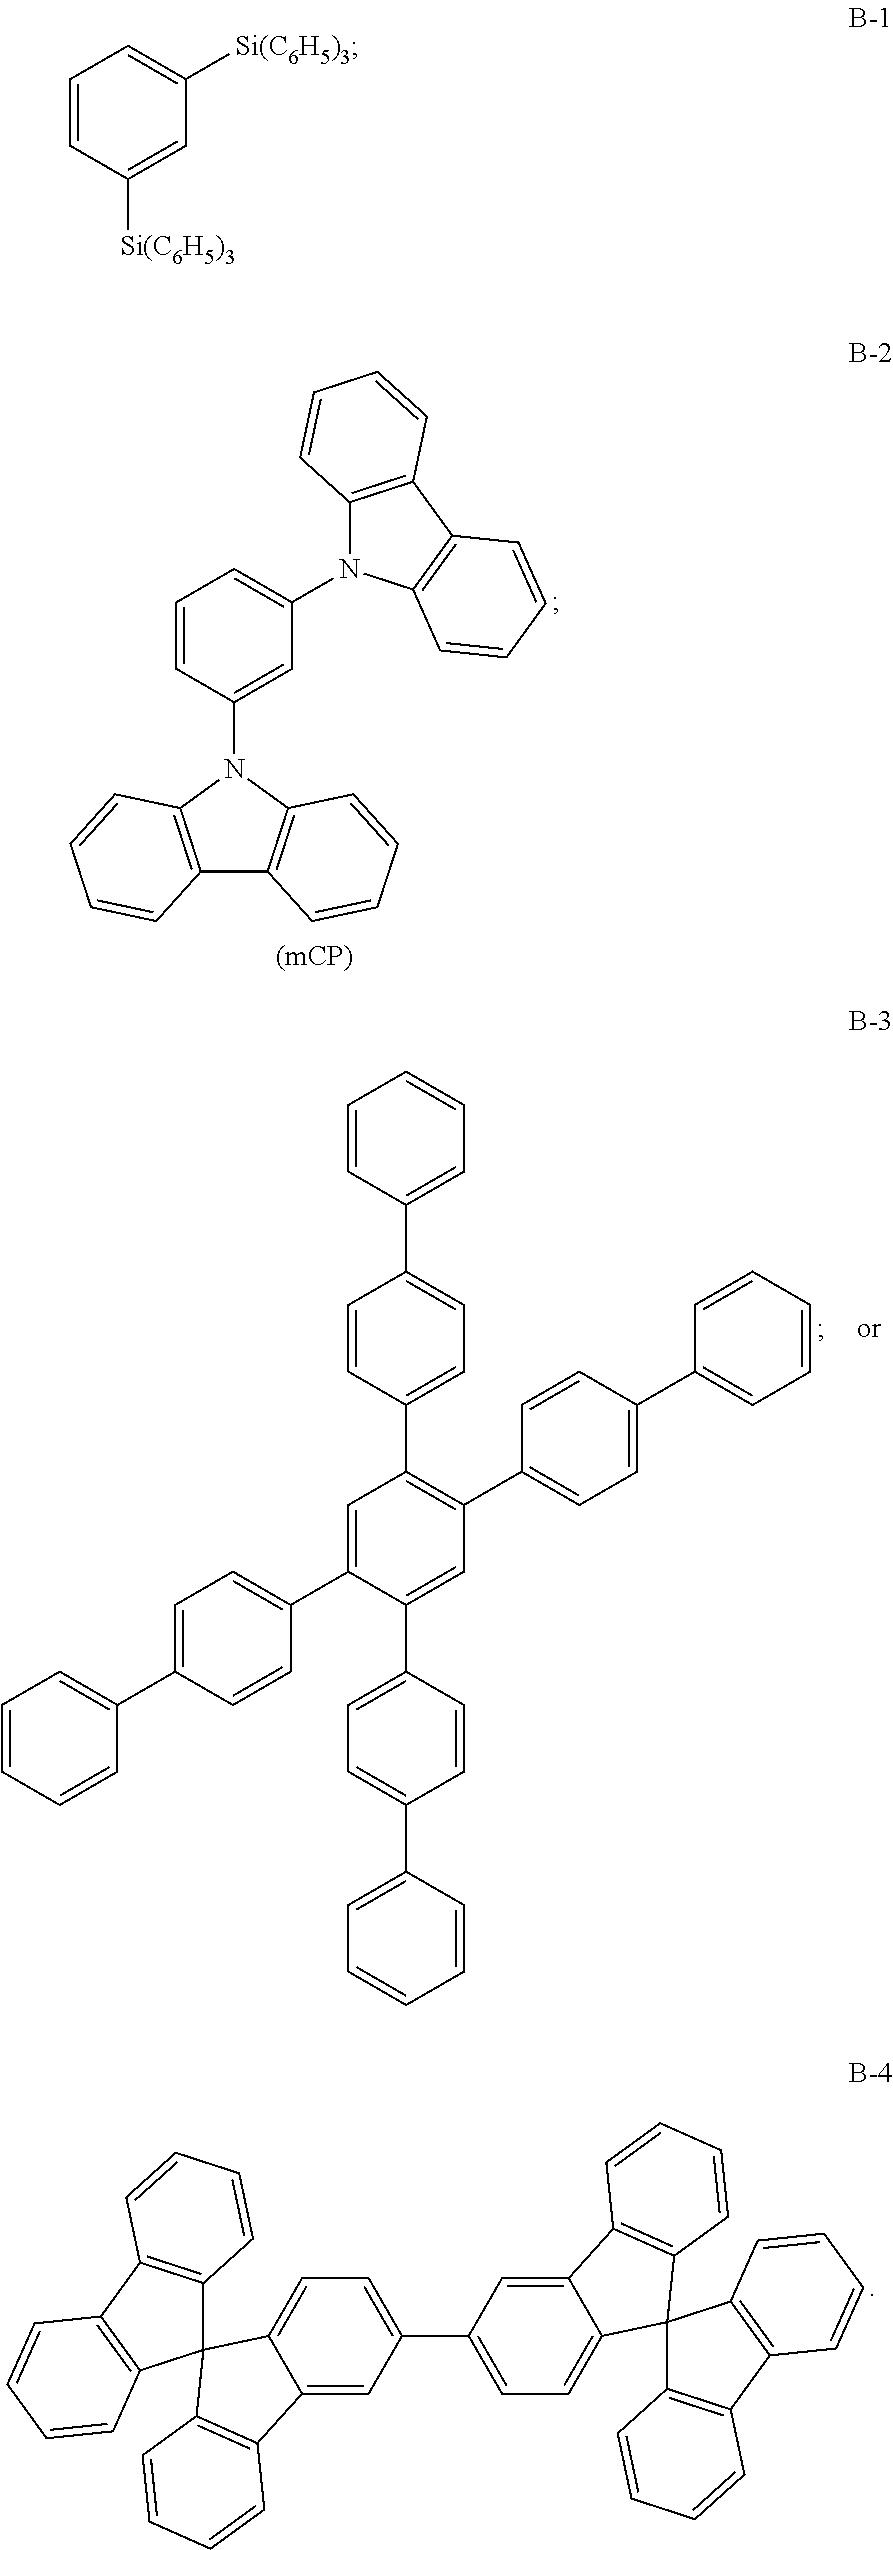 Figure US08242489-20120814-C00020